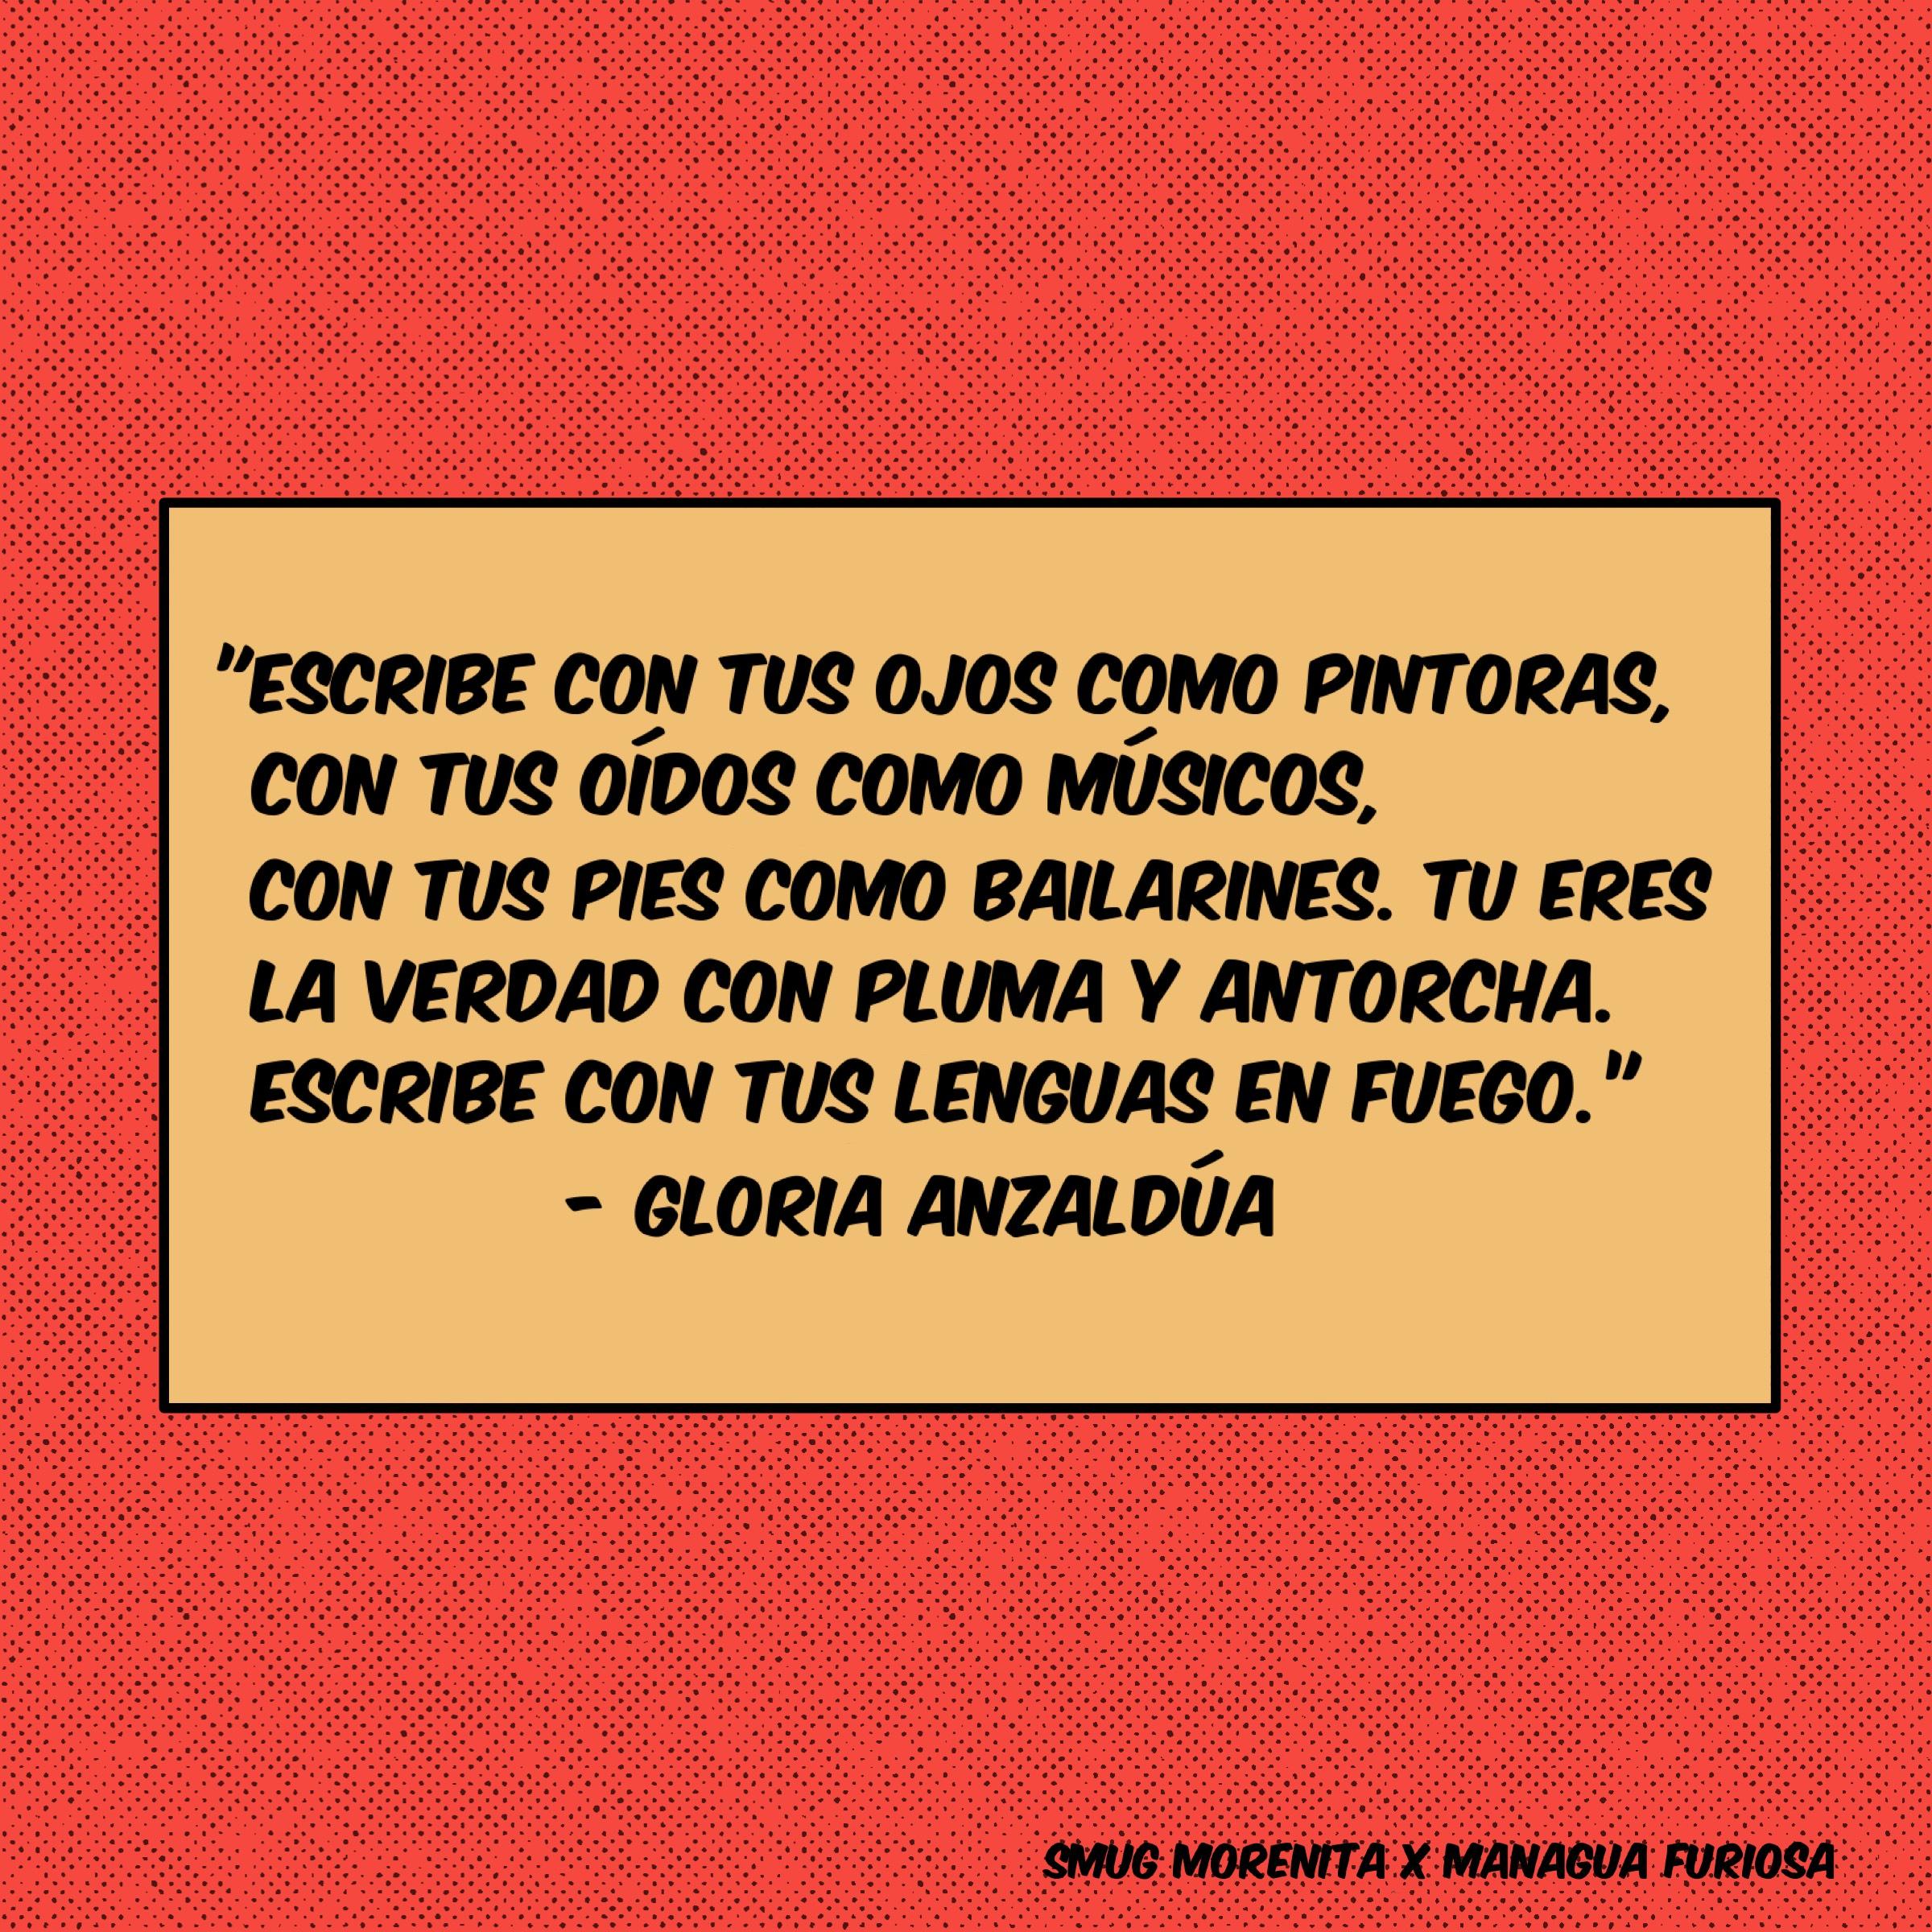 Gloria Anzaldúa Quote - Web Image.jpeg